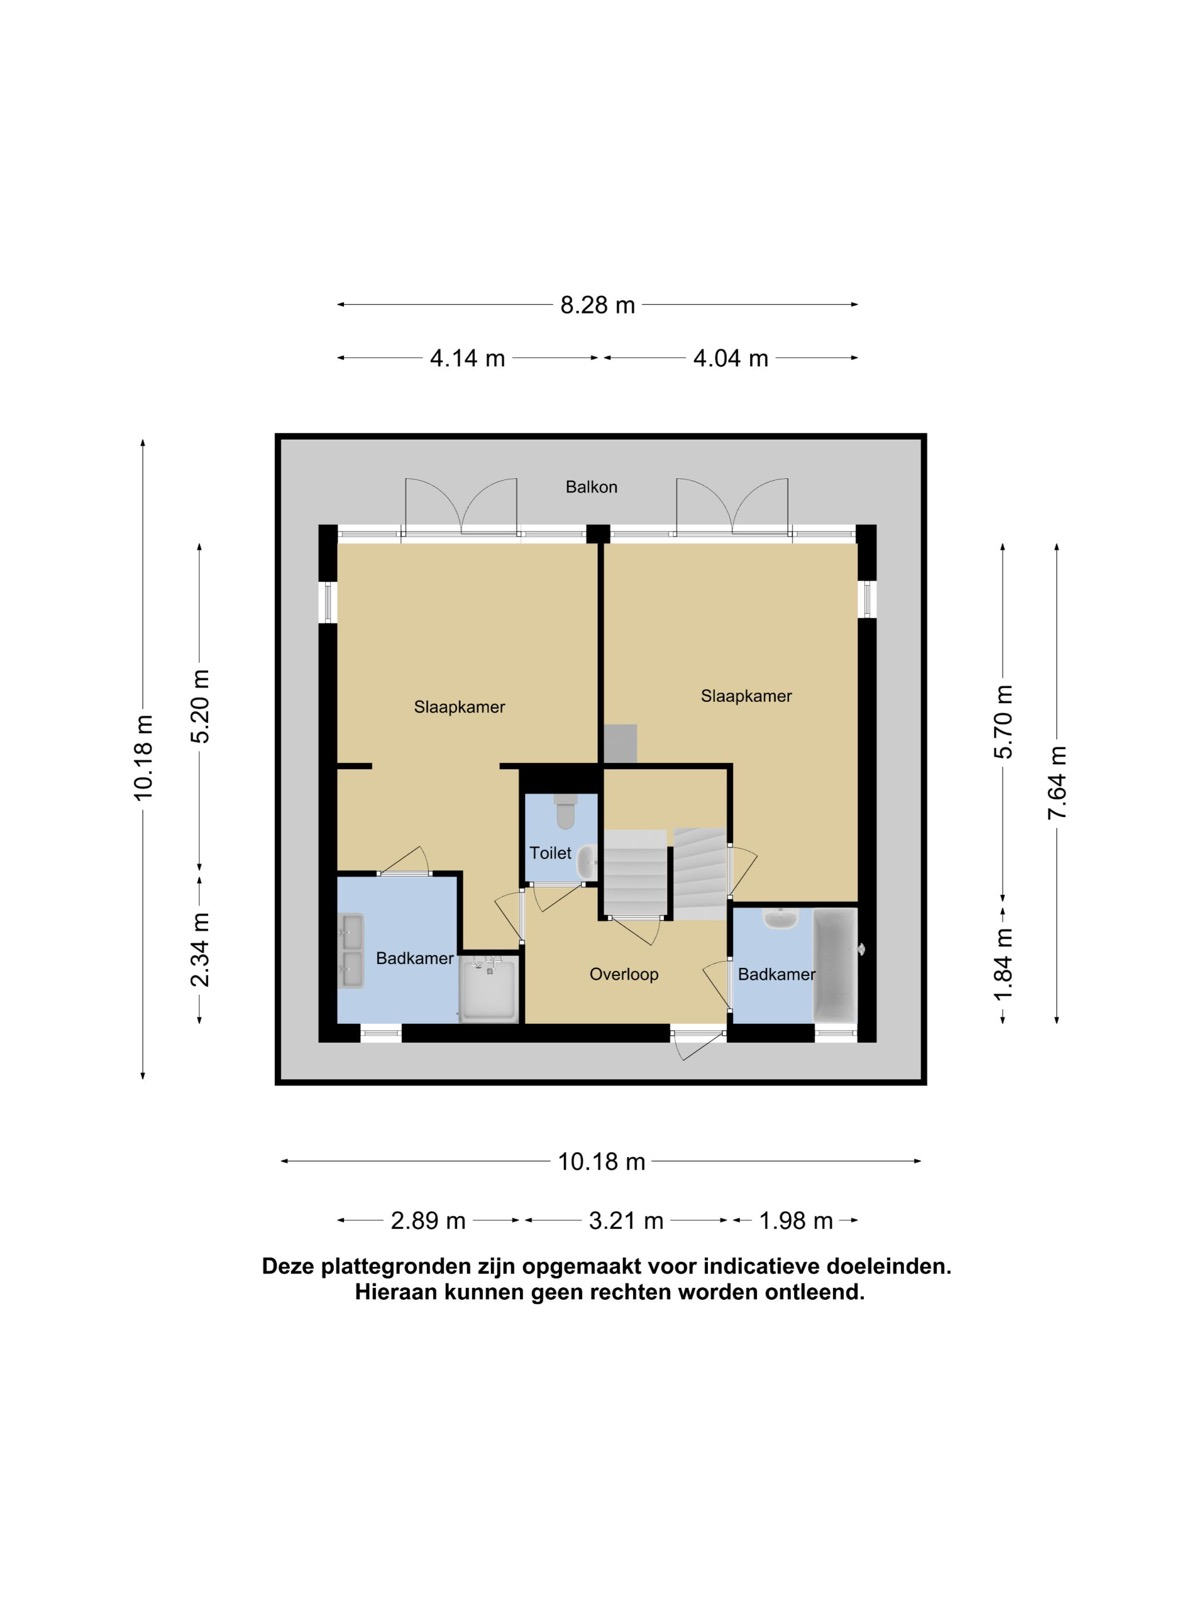 bolwerk-2-stavoren-plattegrond-30